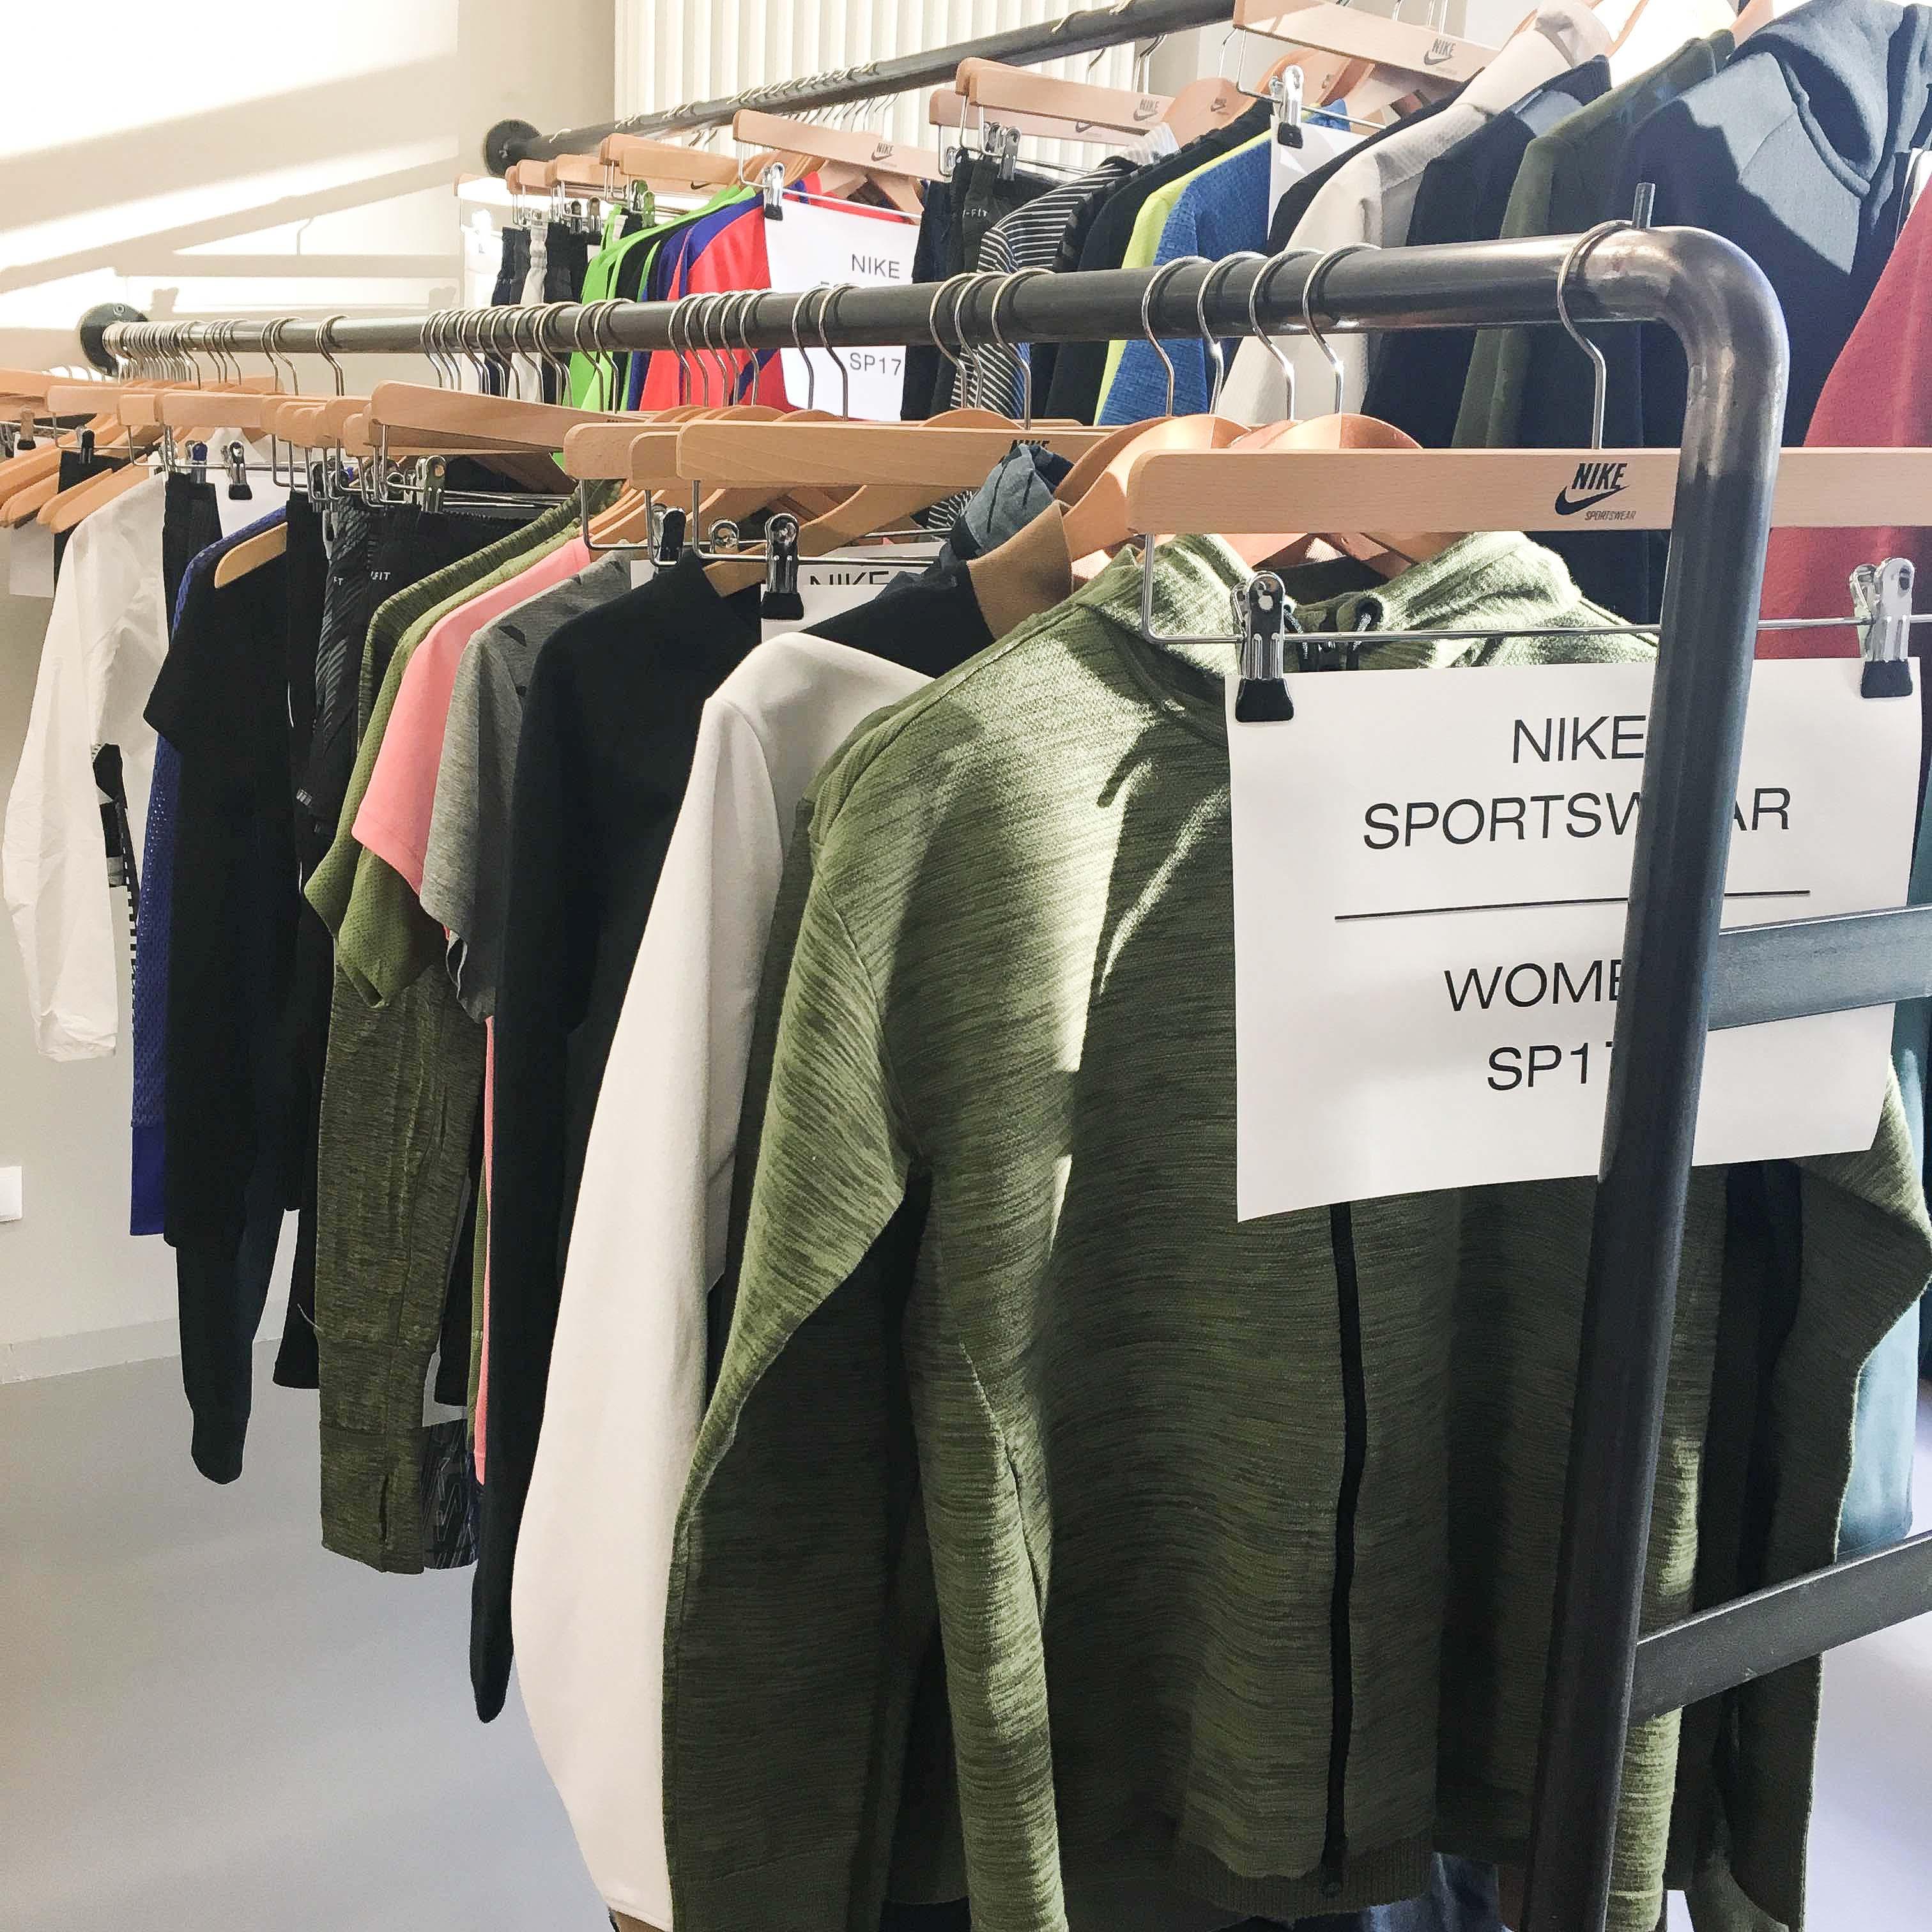 Klara-Fuchs-Österreich-Fitness-Lifestyle-Blog-Fashion-Week-Berlin-3